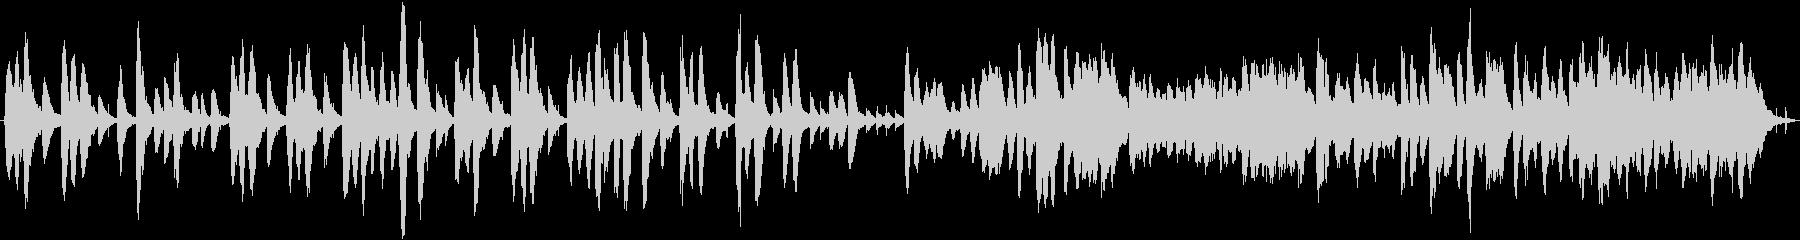 ほのぼの可愛らしい雰囲気のBGMの未再生の波形